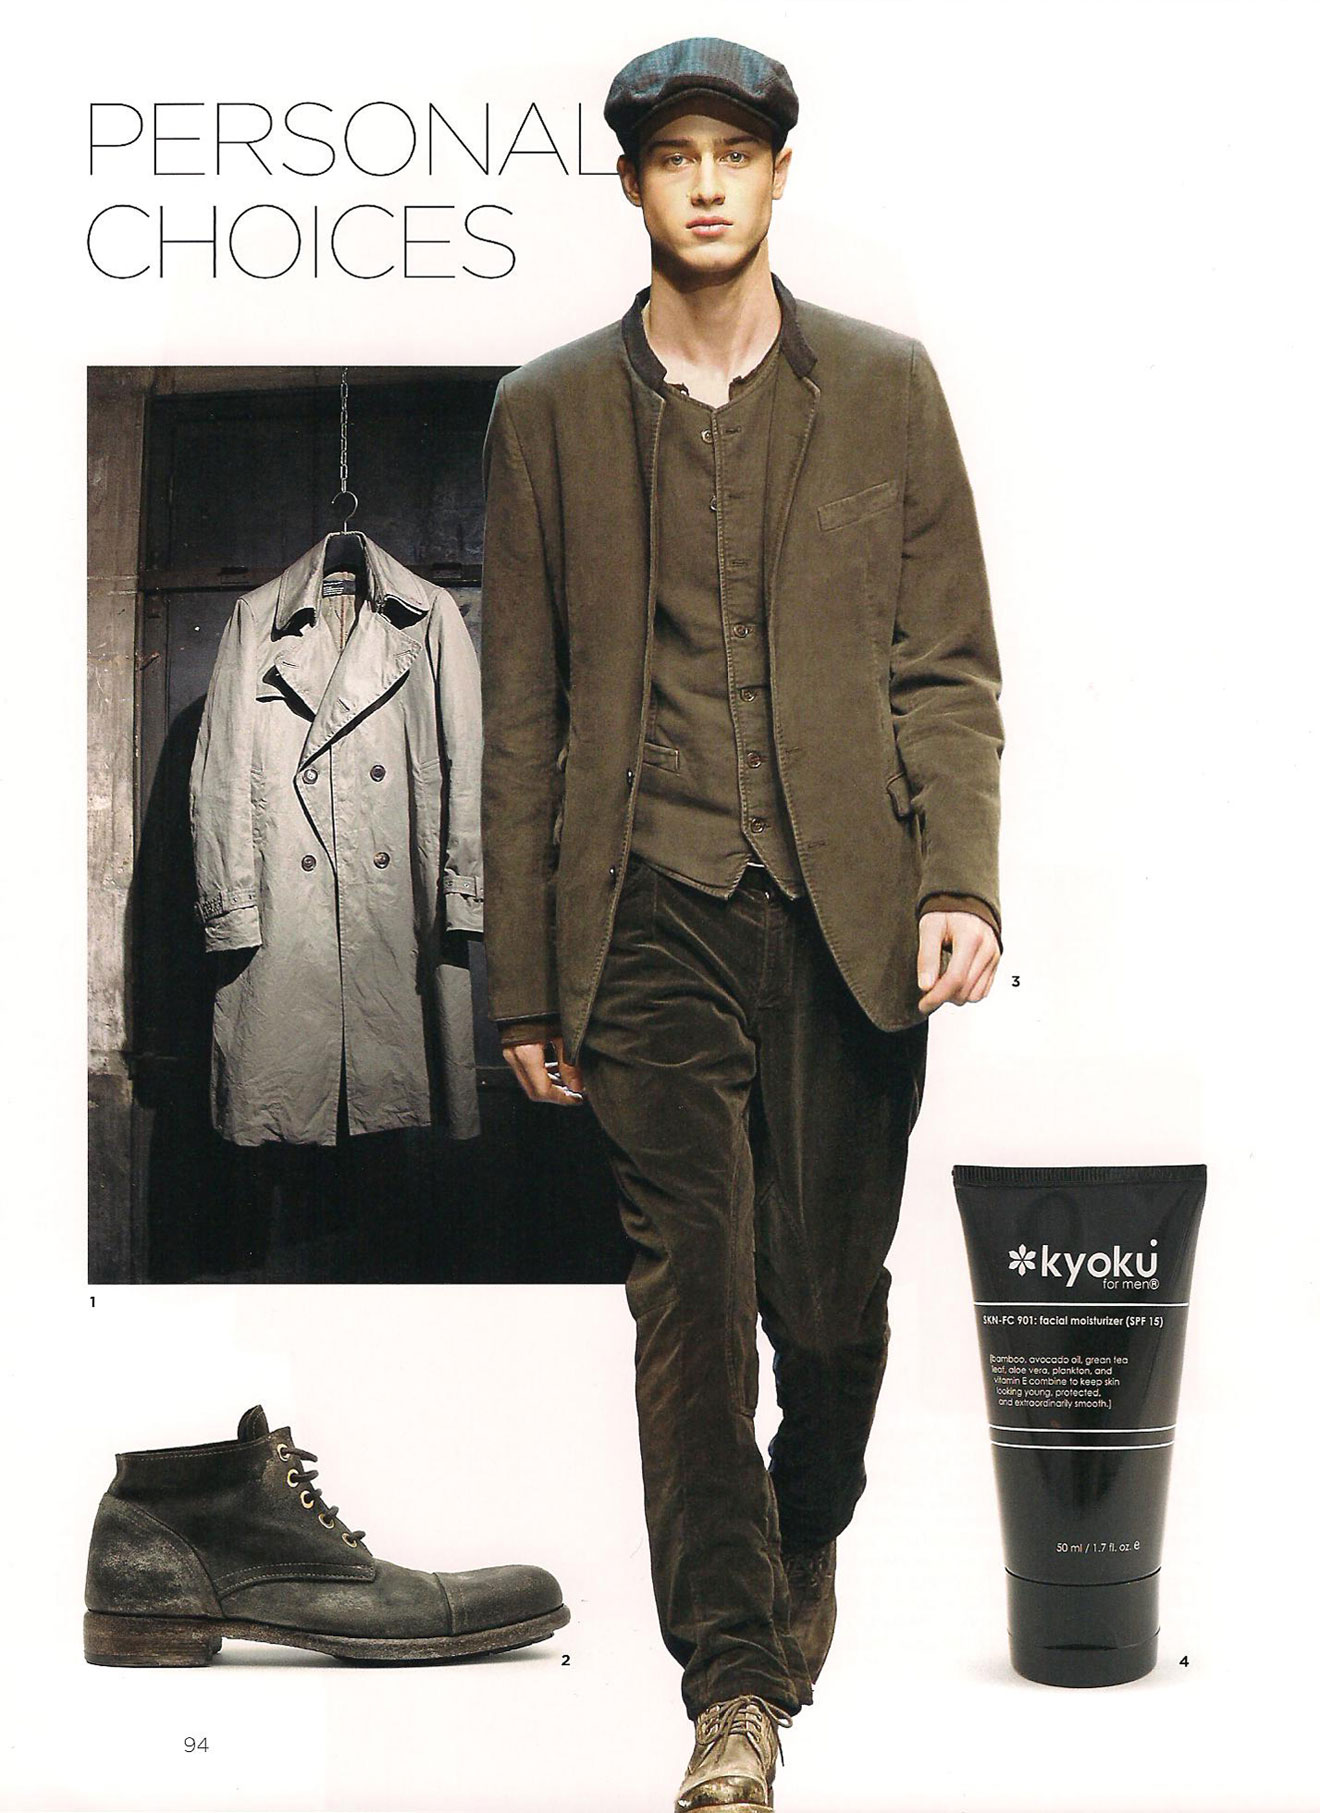 Kyoku for Men Face Moisturizer Feuchtigkeitspflege für Männer